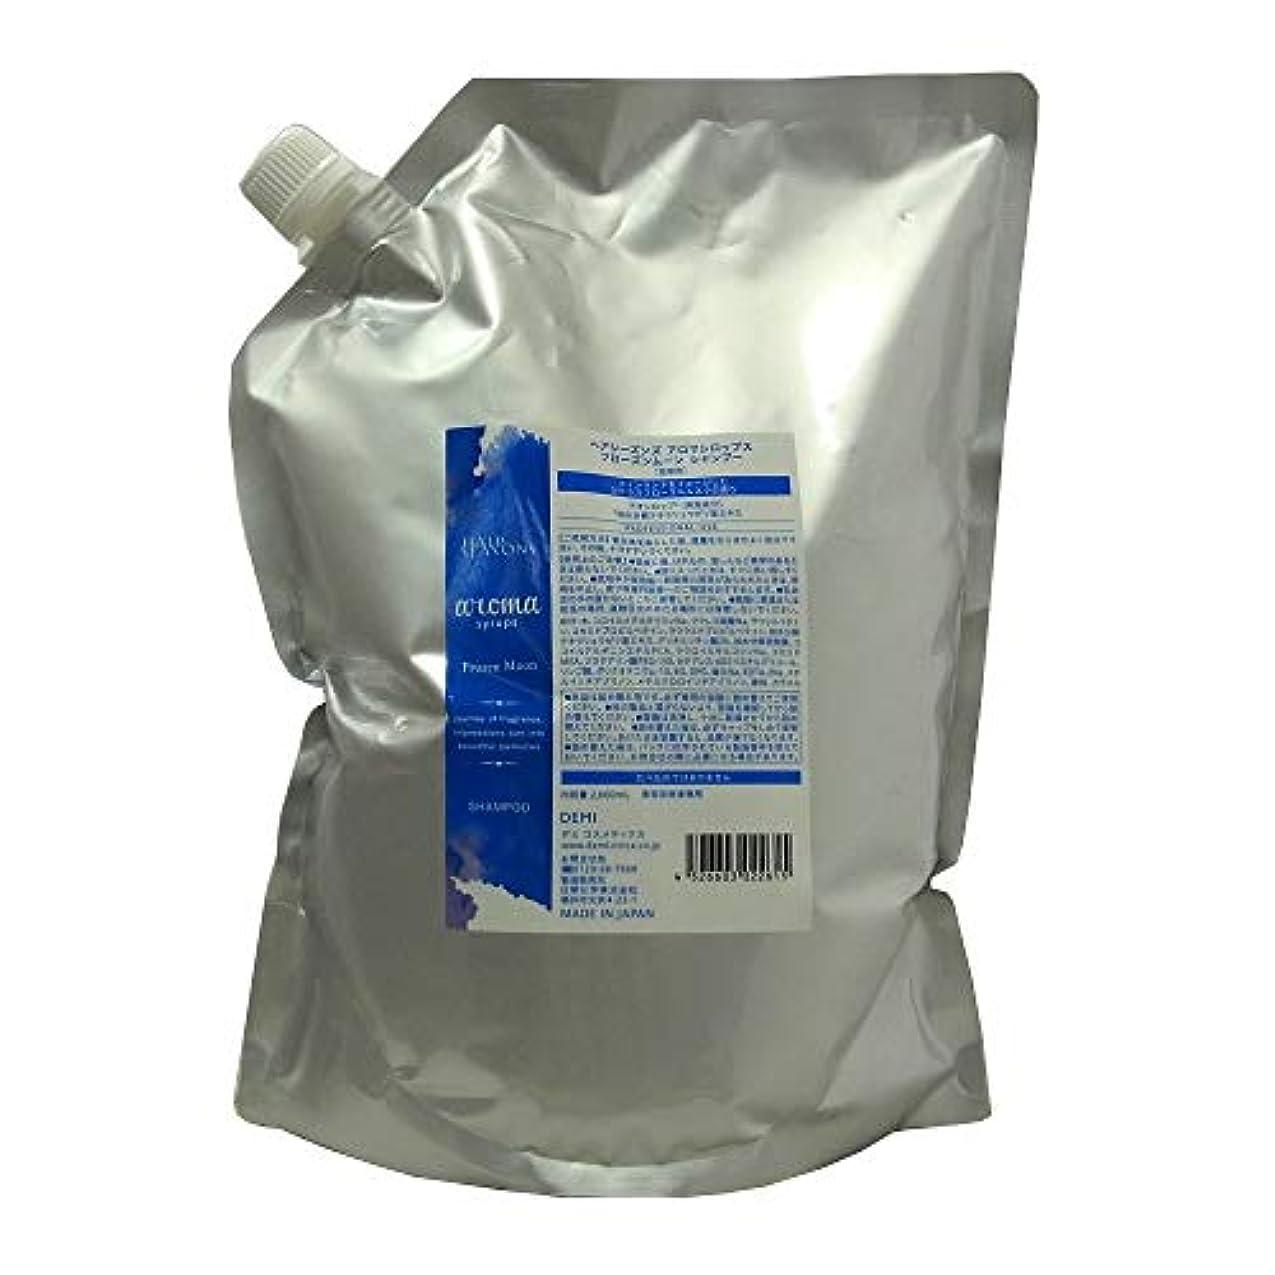 力学光沢のある掃くデミ アロマシロップス フローズンムーン シャンプー レフィル 2000ml